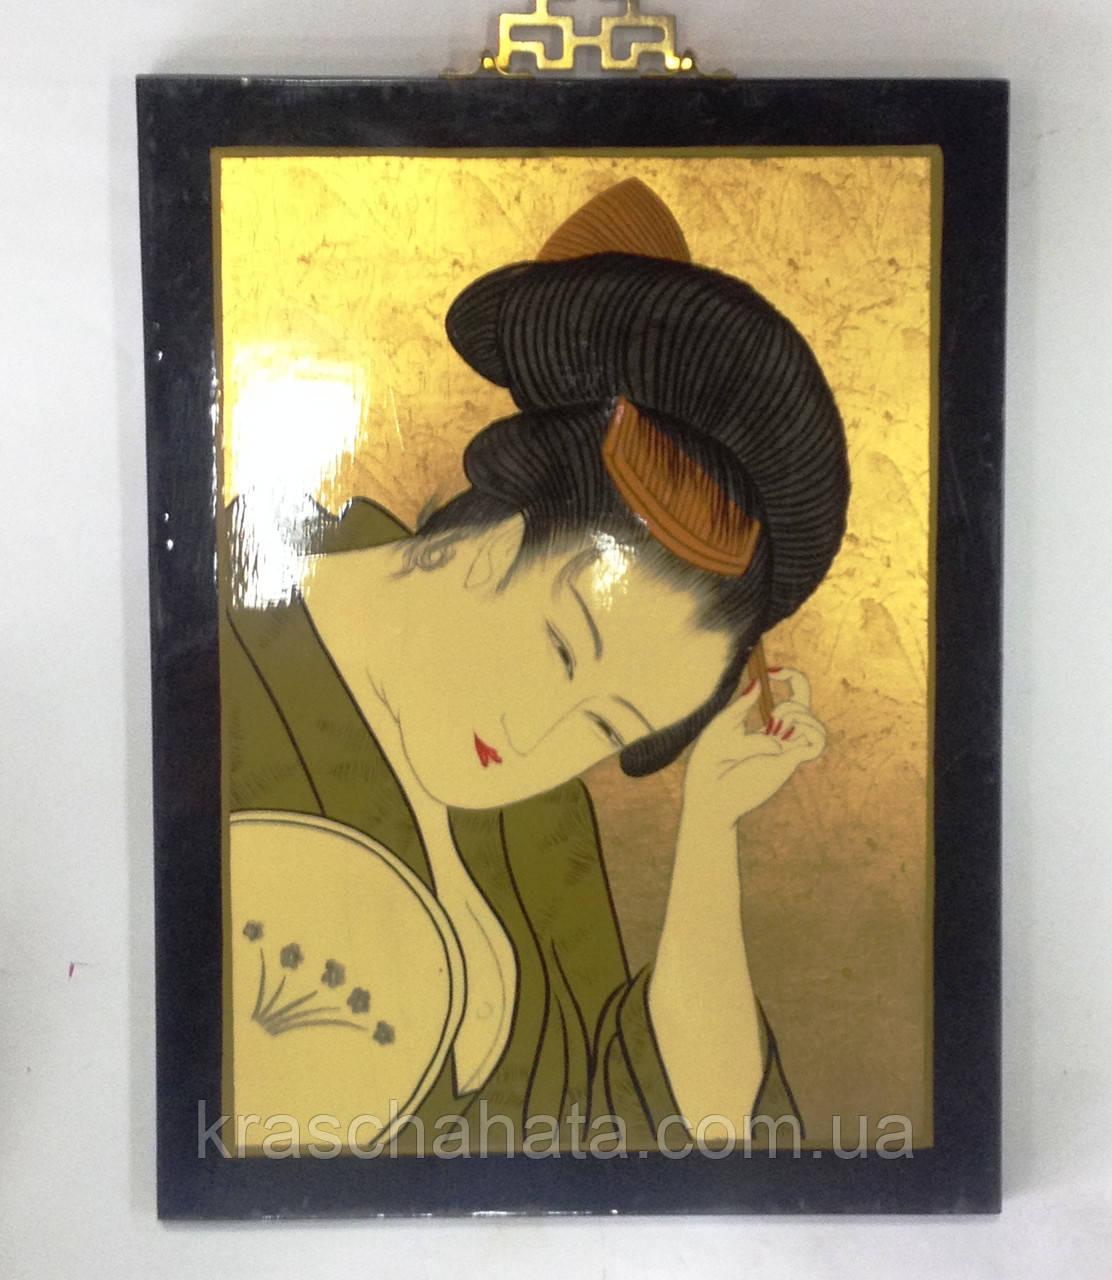 Картина, Японка, 40х30 см, Картины для декора, Японский стиль, Гейша,  Днепропетровск